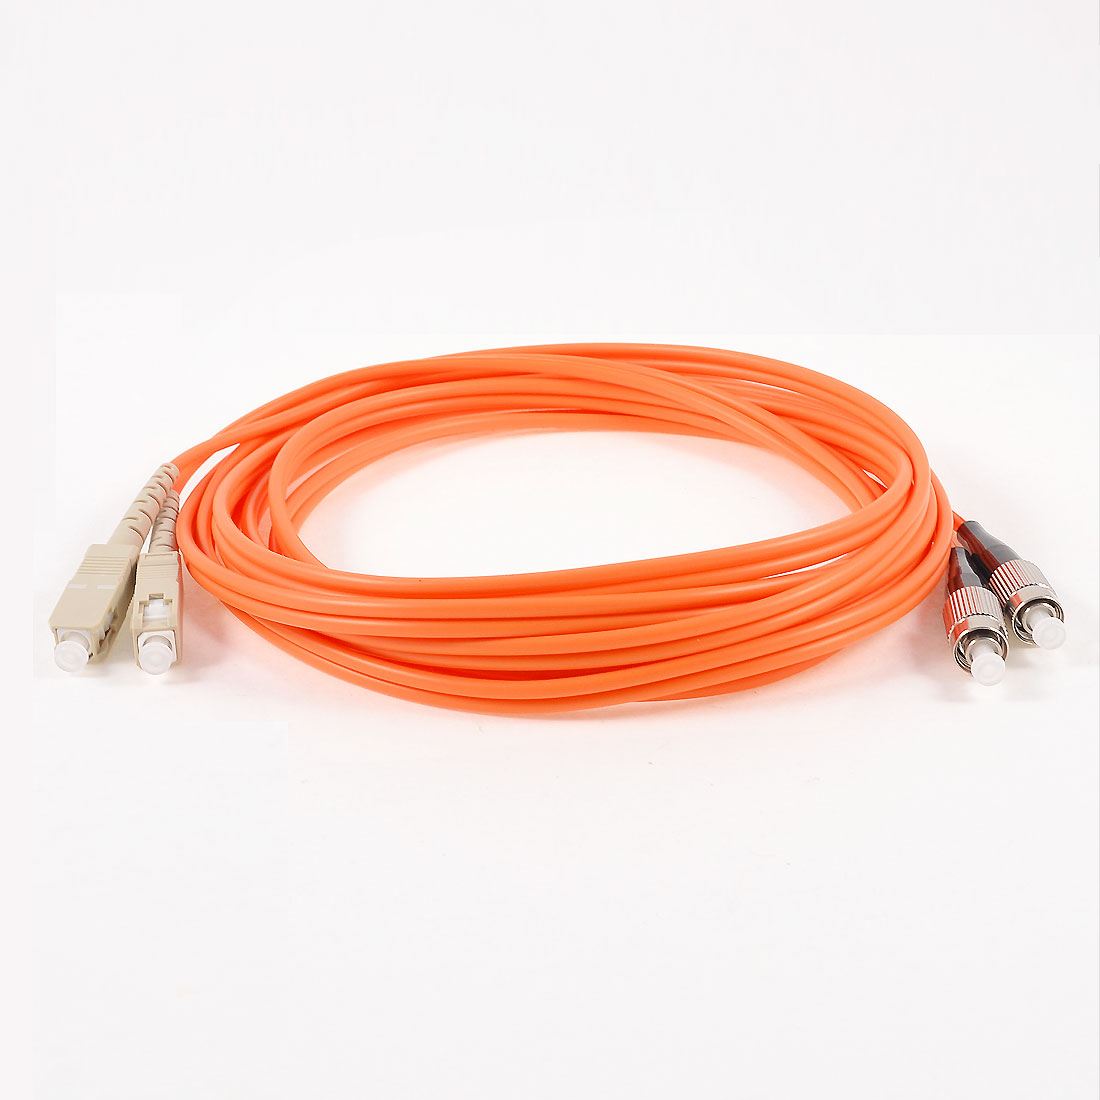 Unique Bargains Multi Mode FC to SC Fiber Optic Jumper Cable Orange 3 Meter 62.5/125 Micron